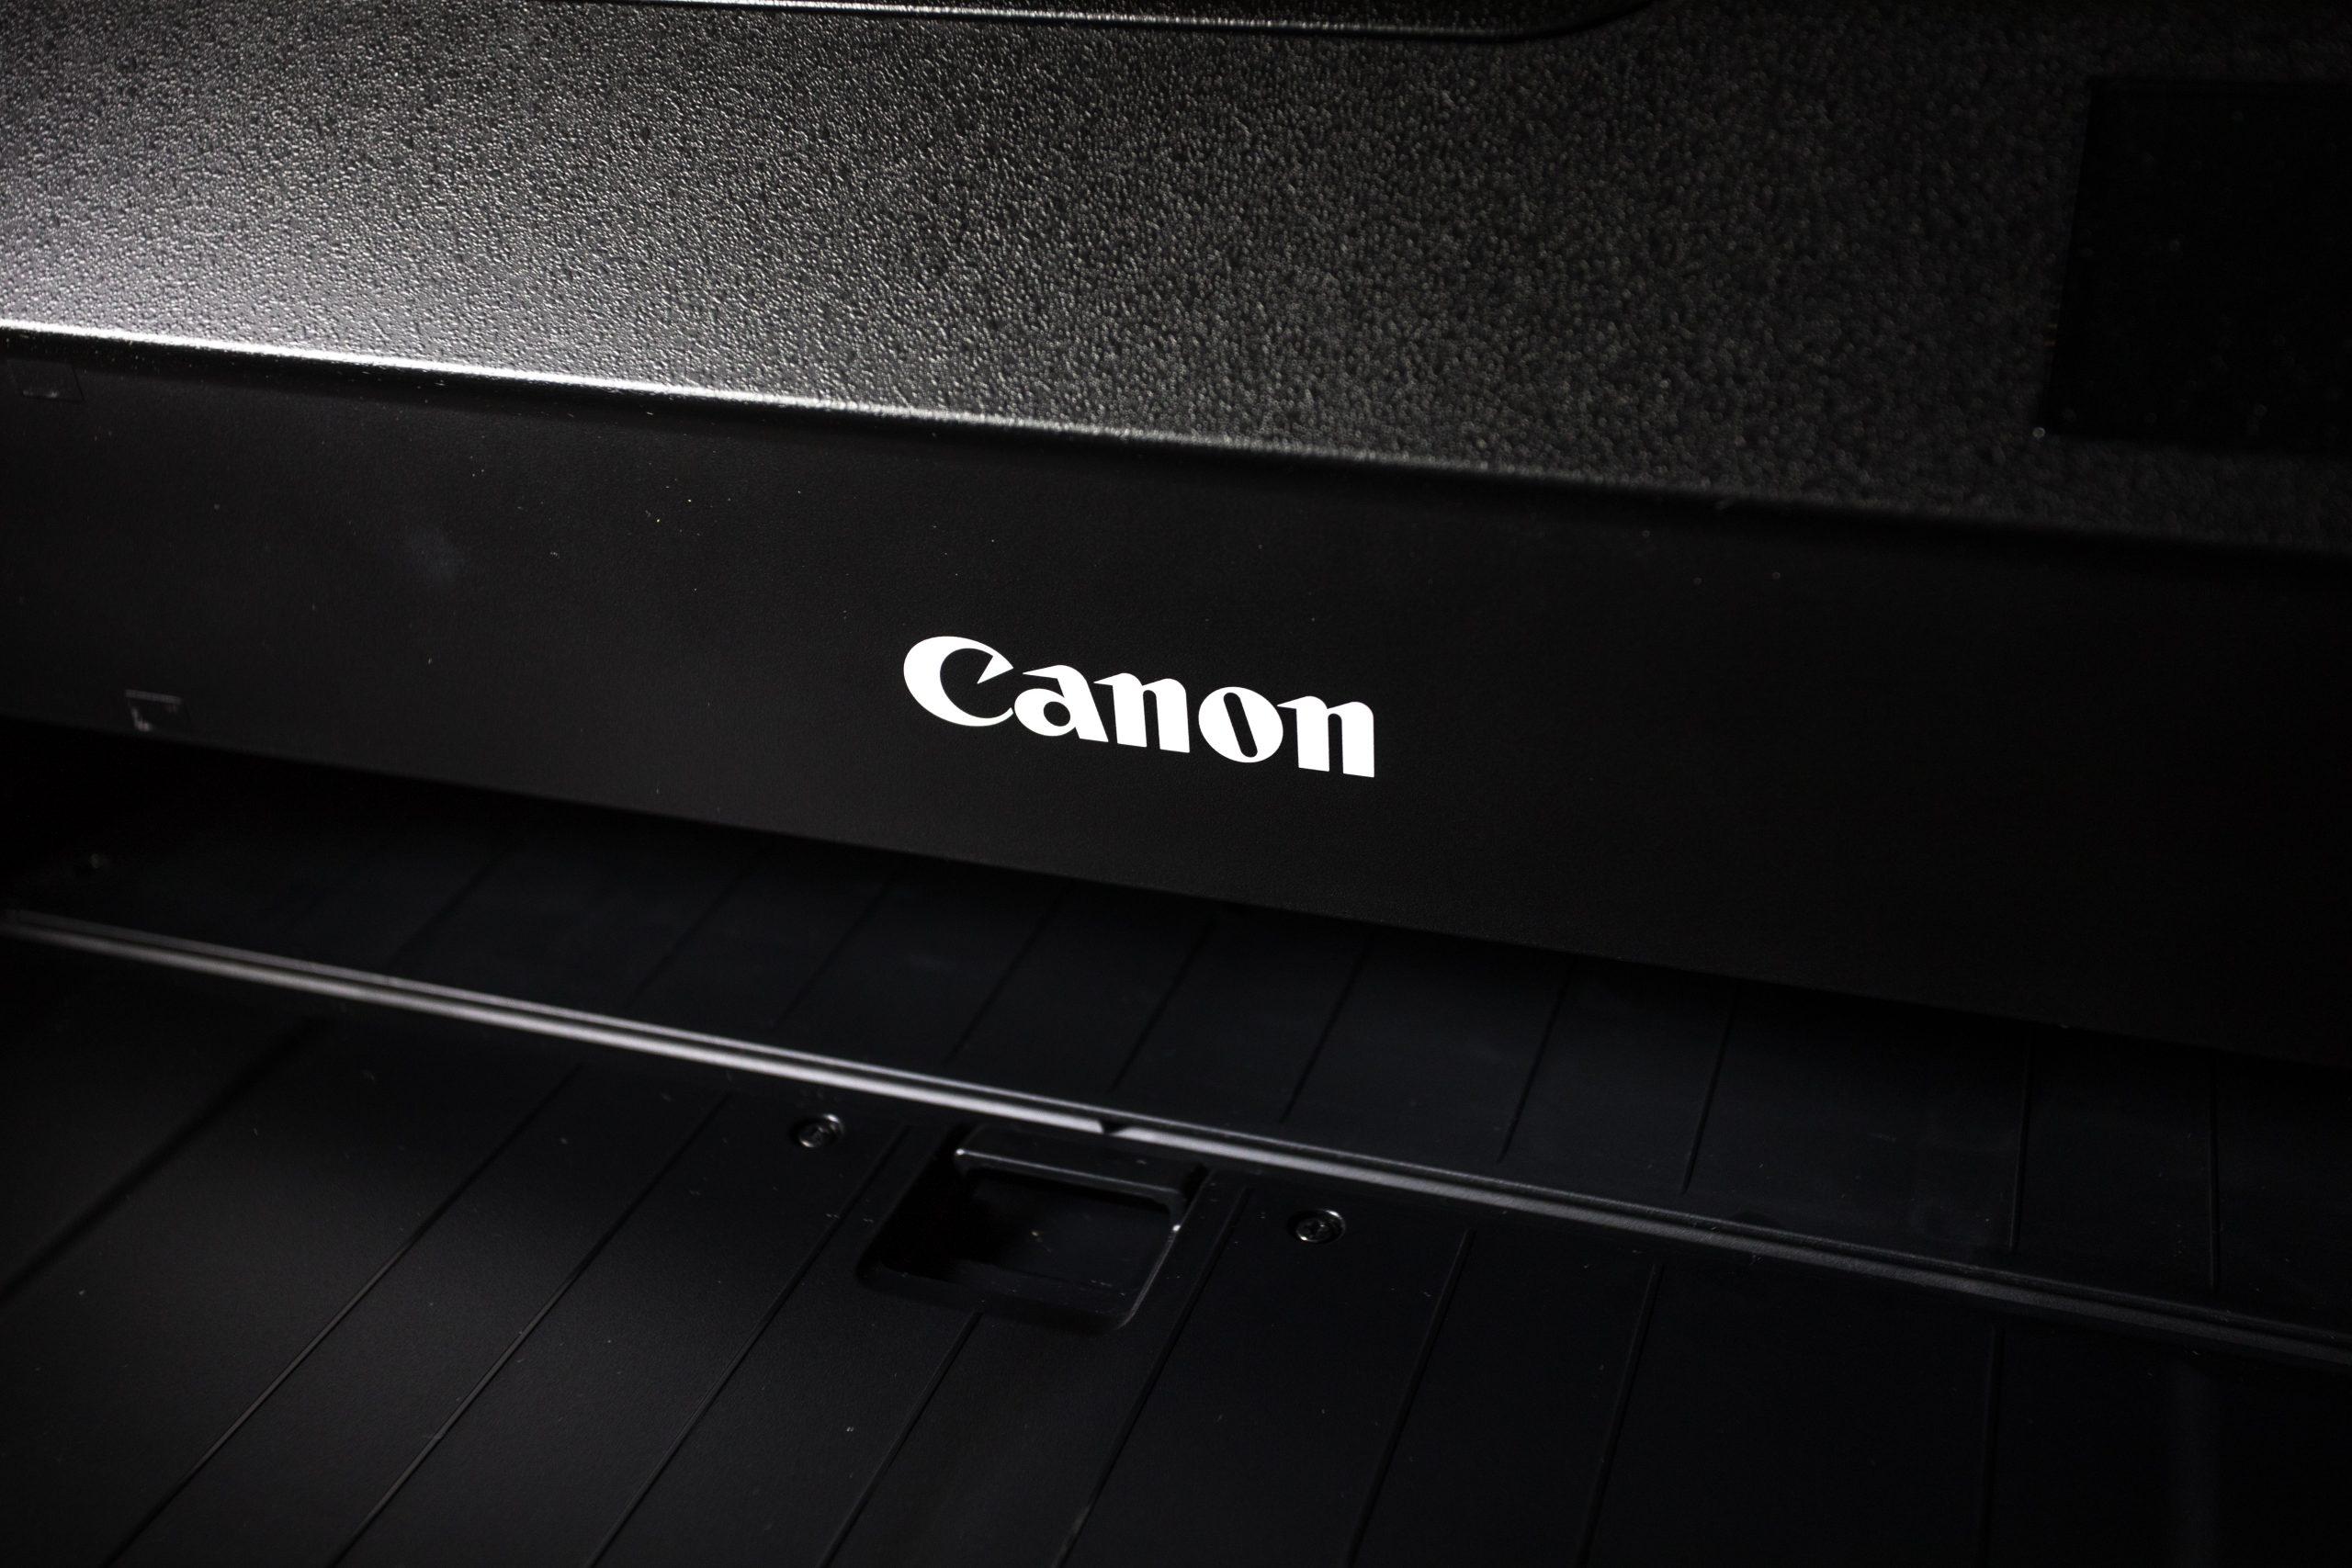 How To Fix Canon Printer Error B200